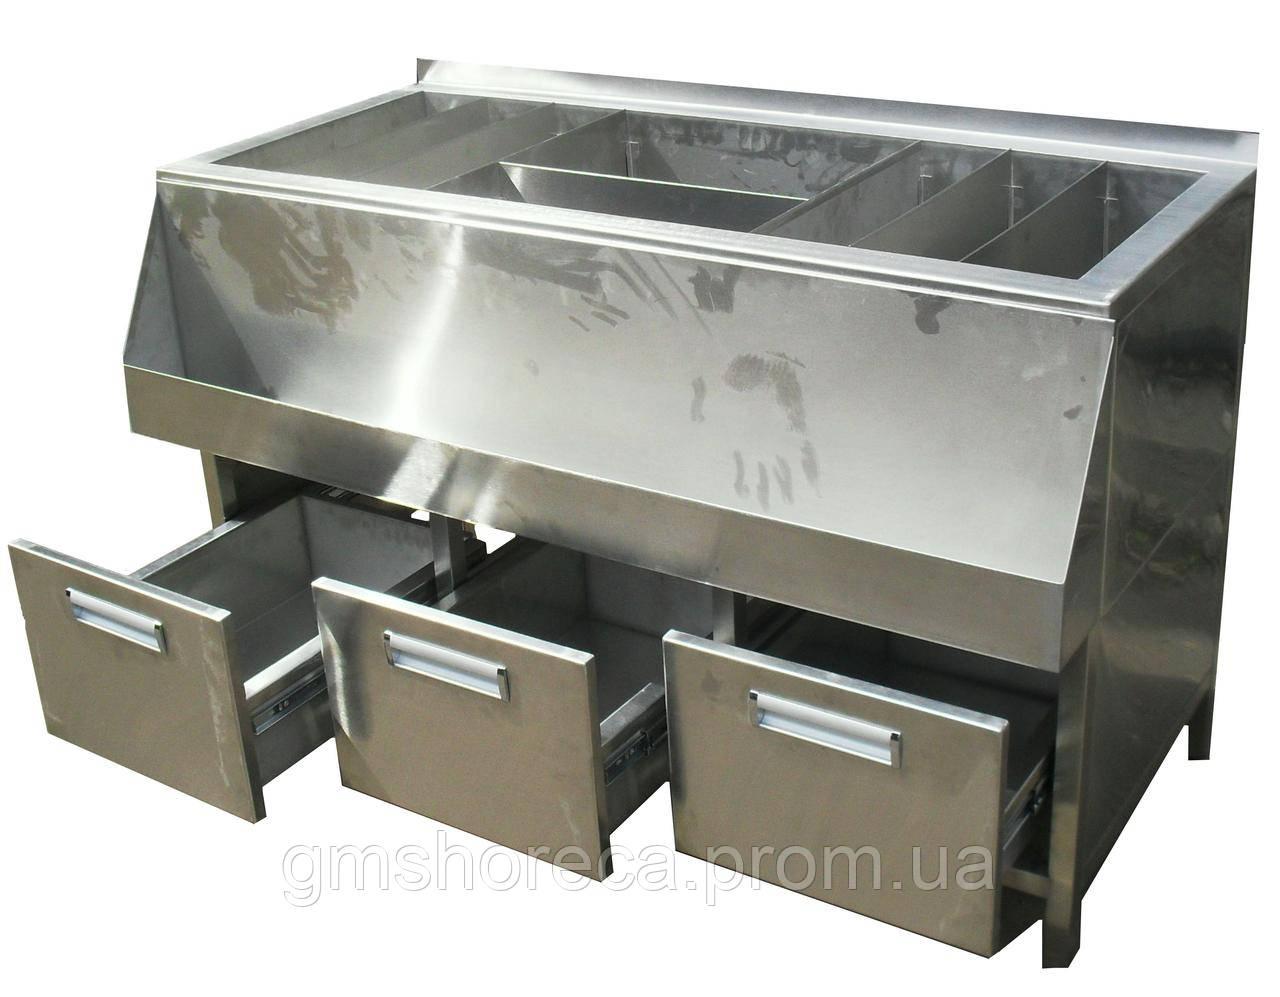 Барная станция без ванны с выдвижными ящиками